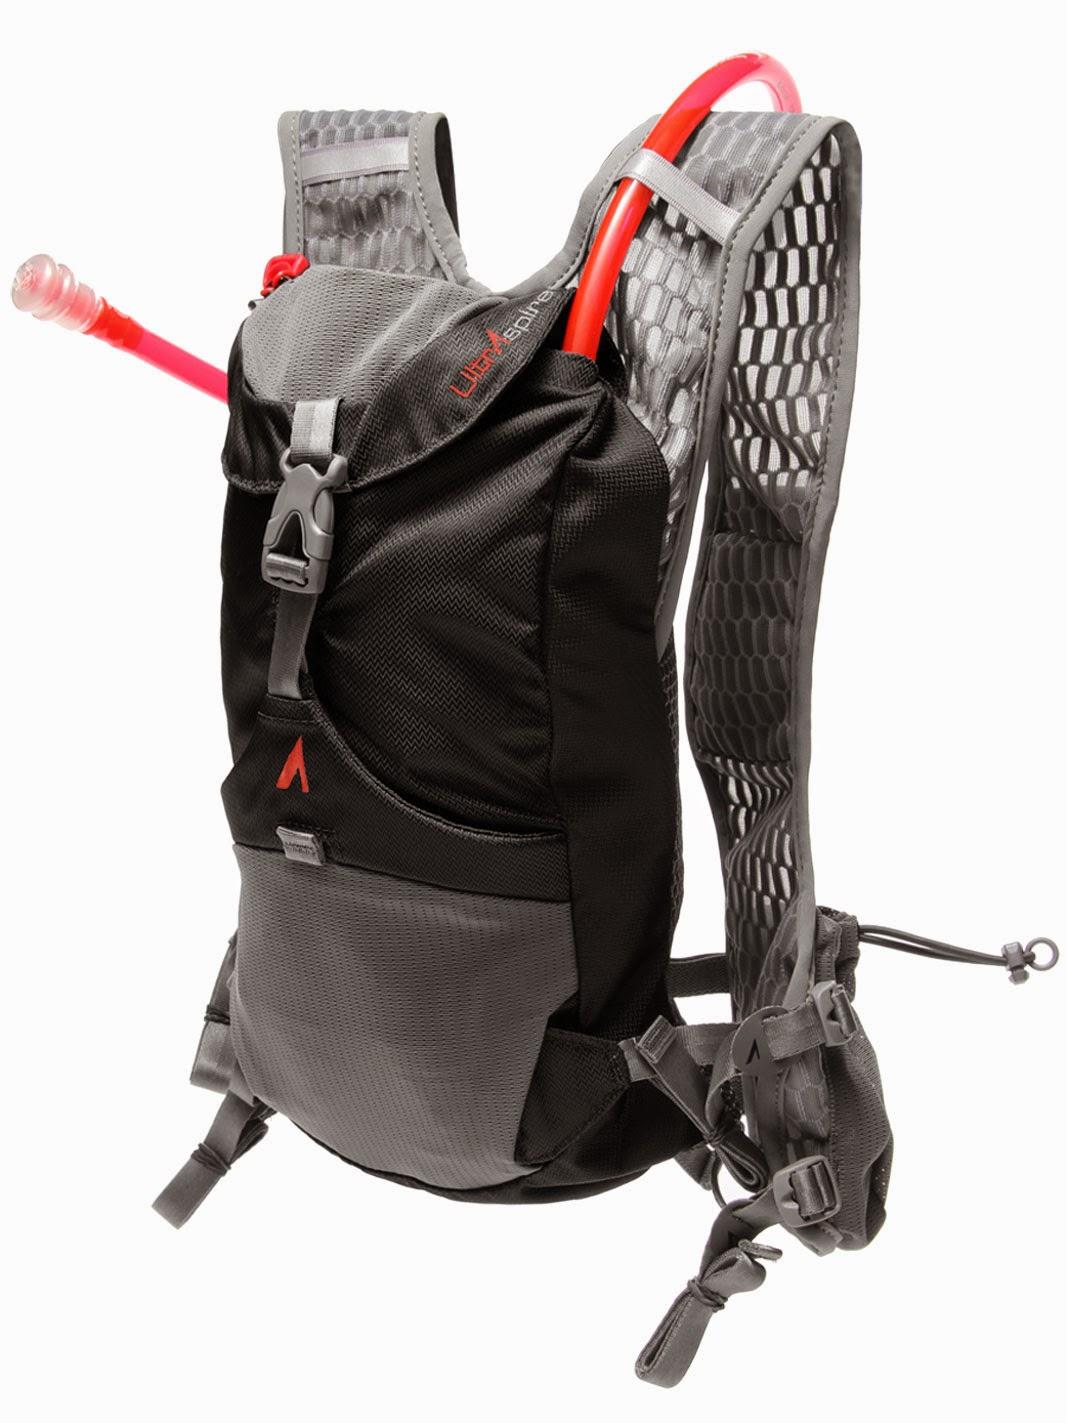 9f12ef27df2e Interneten való utána olvasás, tesztek böngészgetése után felvettem a  kapcsolatot Csanyával, és beszereztem egy UltrAspire hátizsákot. A  beszerzett hátizsák ...